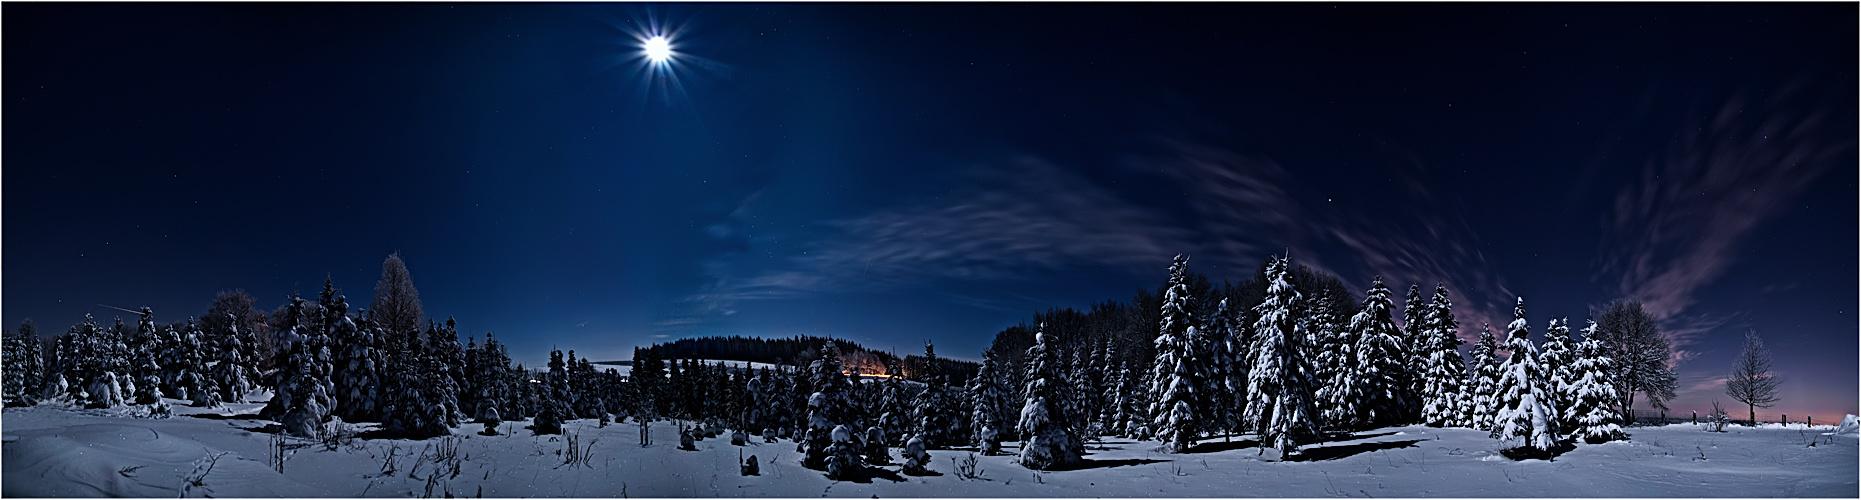 Mondlicht II